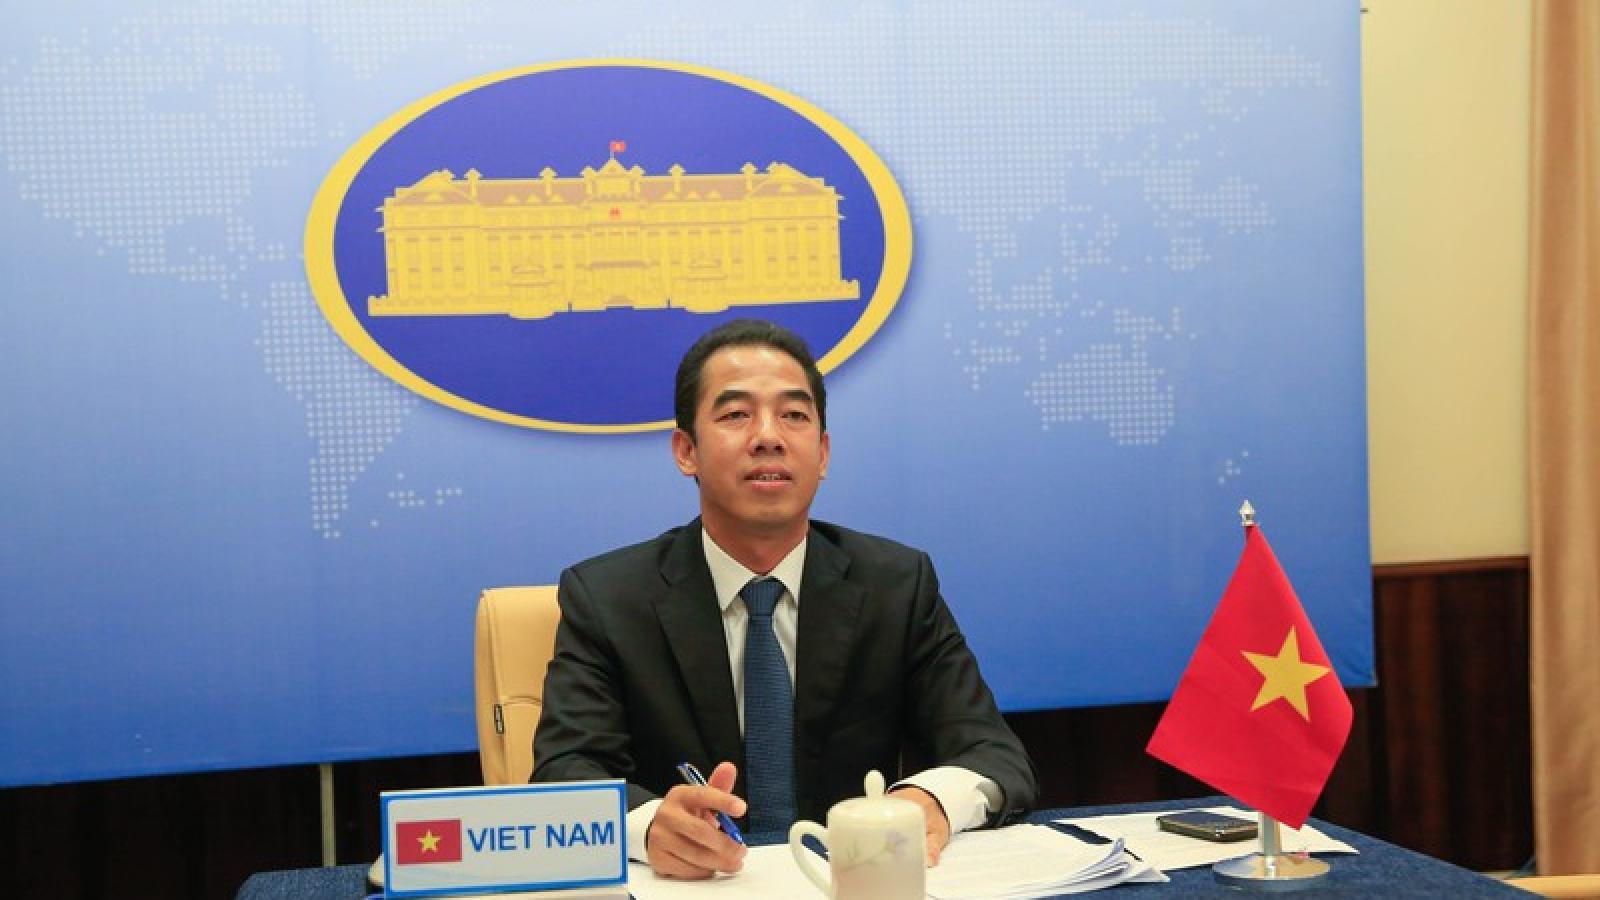 Quốc vụ khanh Anh cám ơn Việt Nam đã tận tình chữa trị bệnh nhân 91